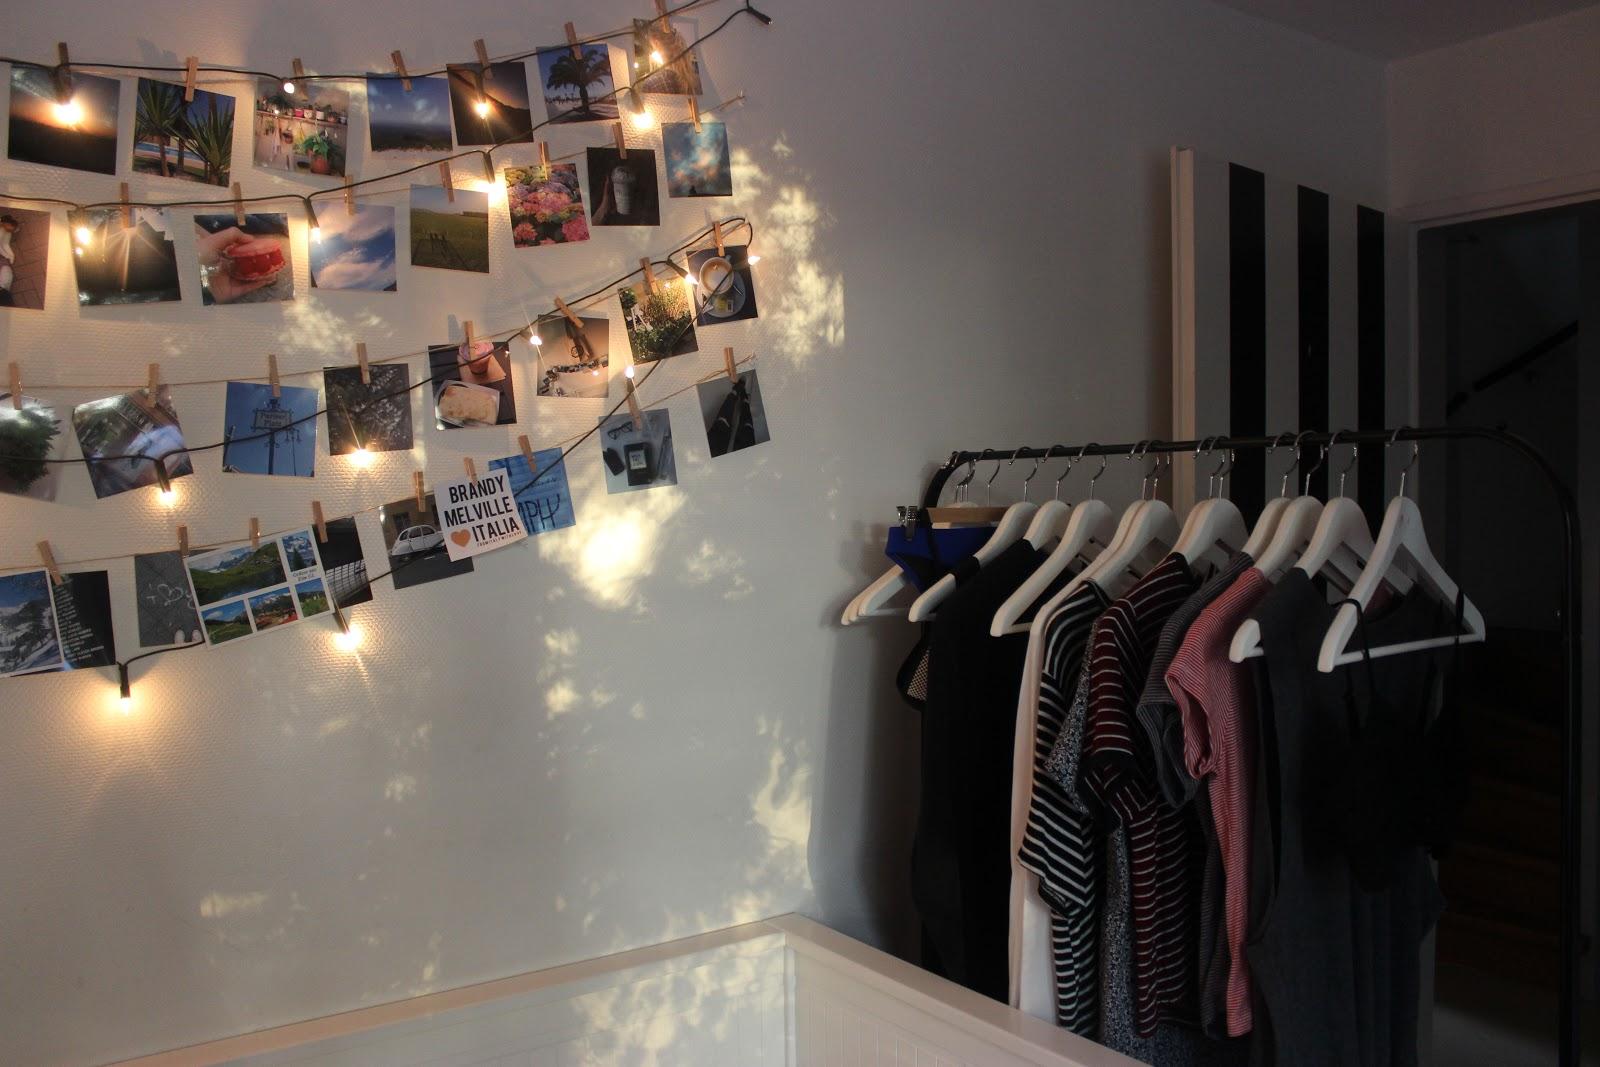 Jonne lucia de inspirerende kamer van merel - Decoratie voor een kamer ...